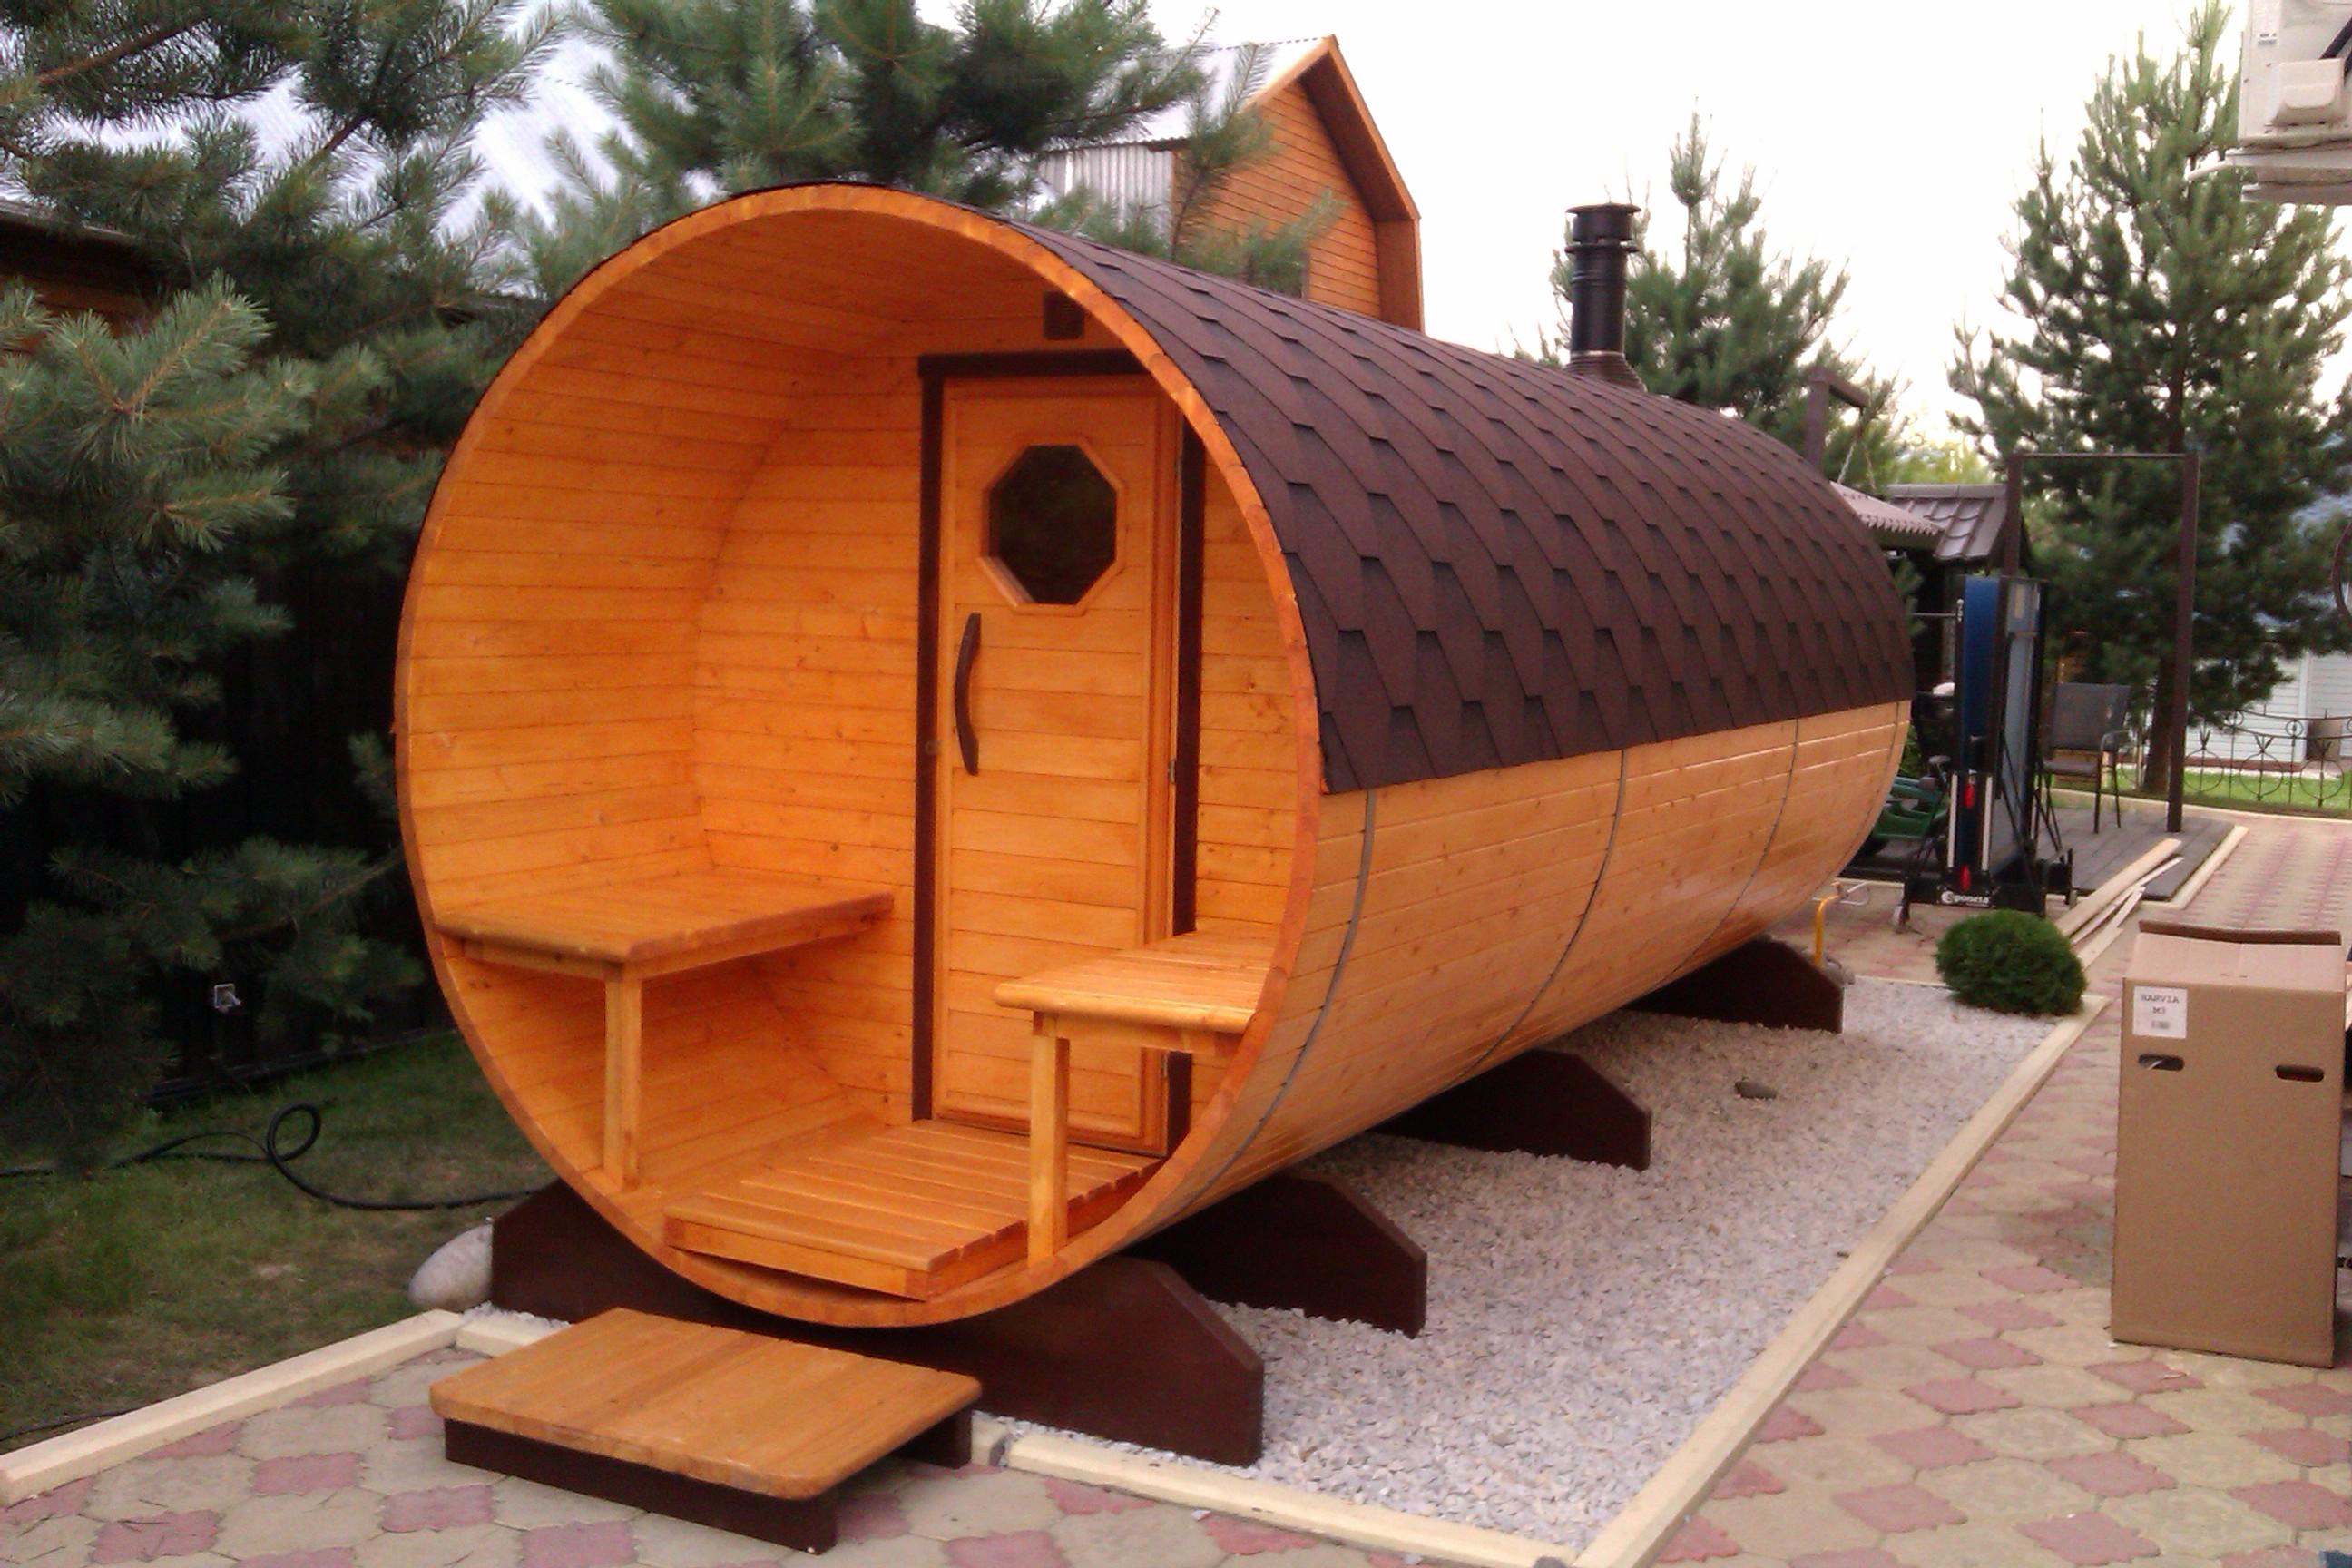 Баня бочка (162 фото): недостатки и преимущества, круглые конструкции сауны, как сделать своими руками